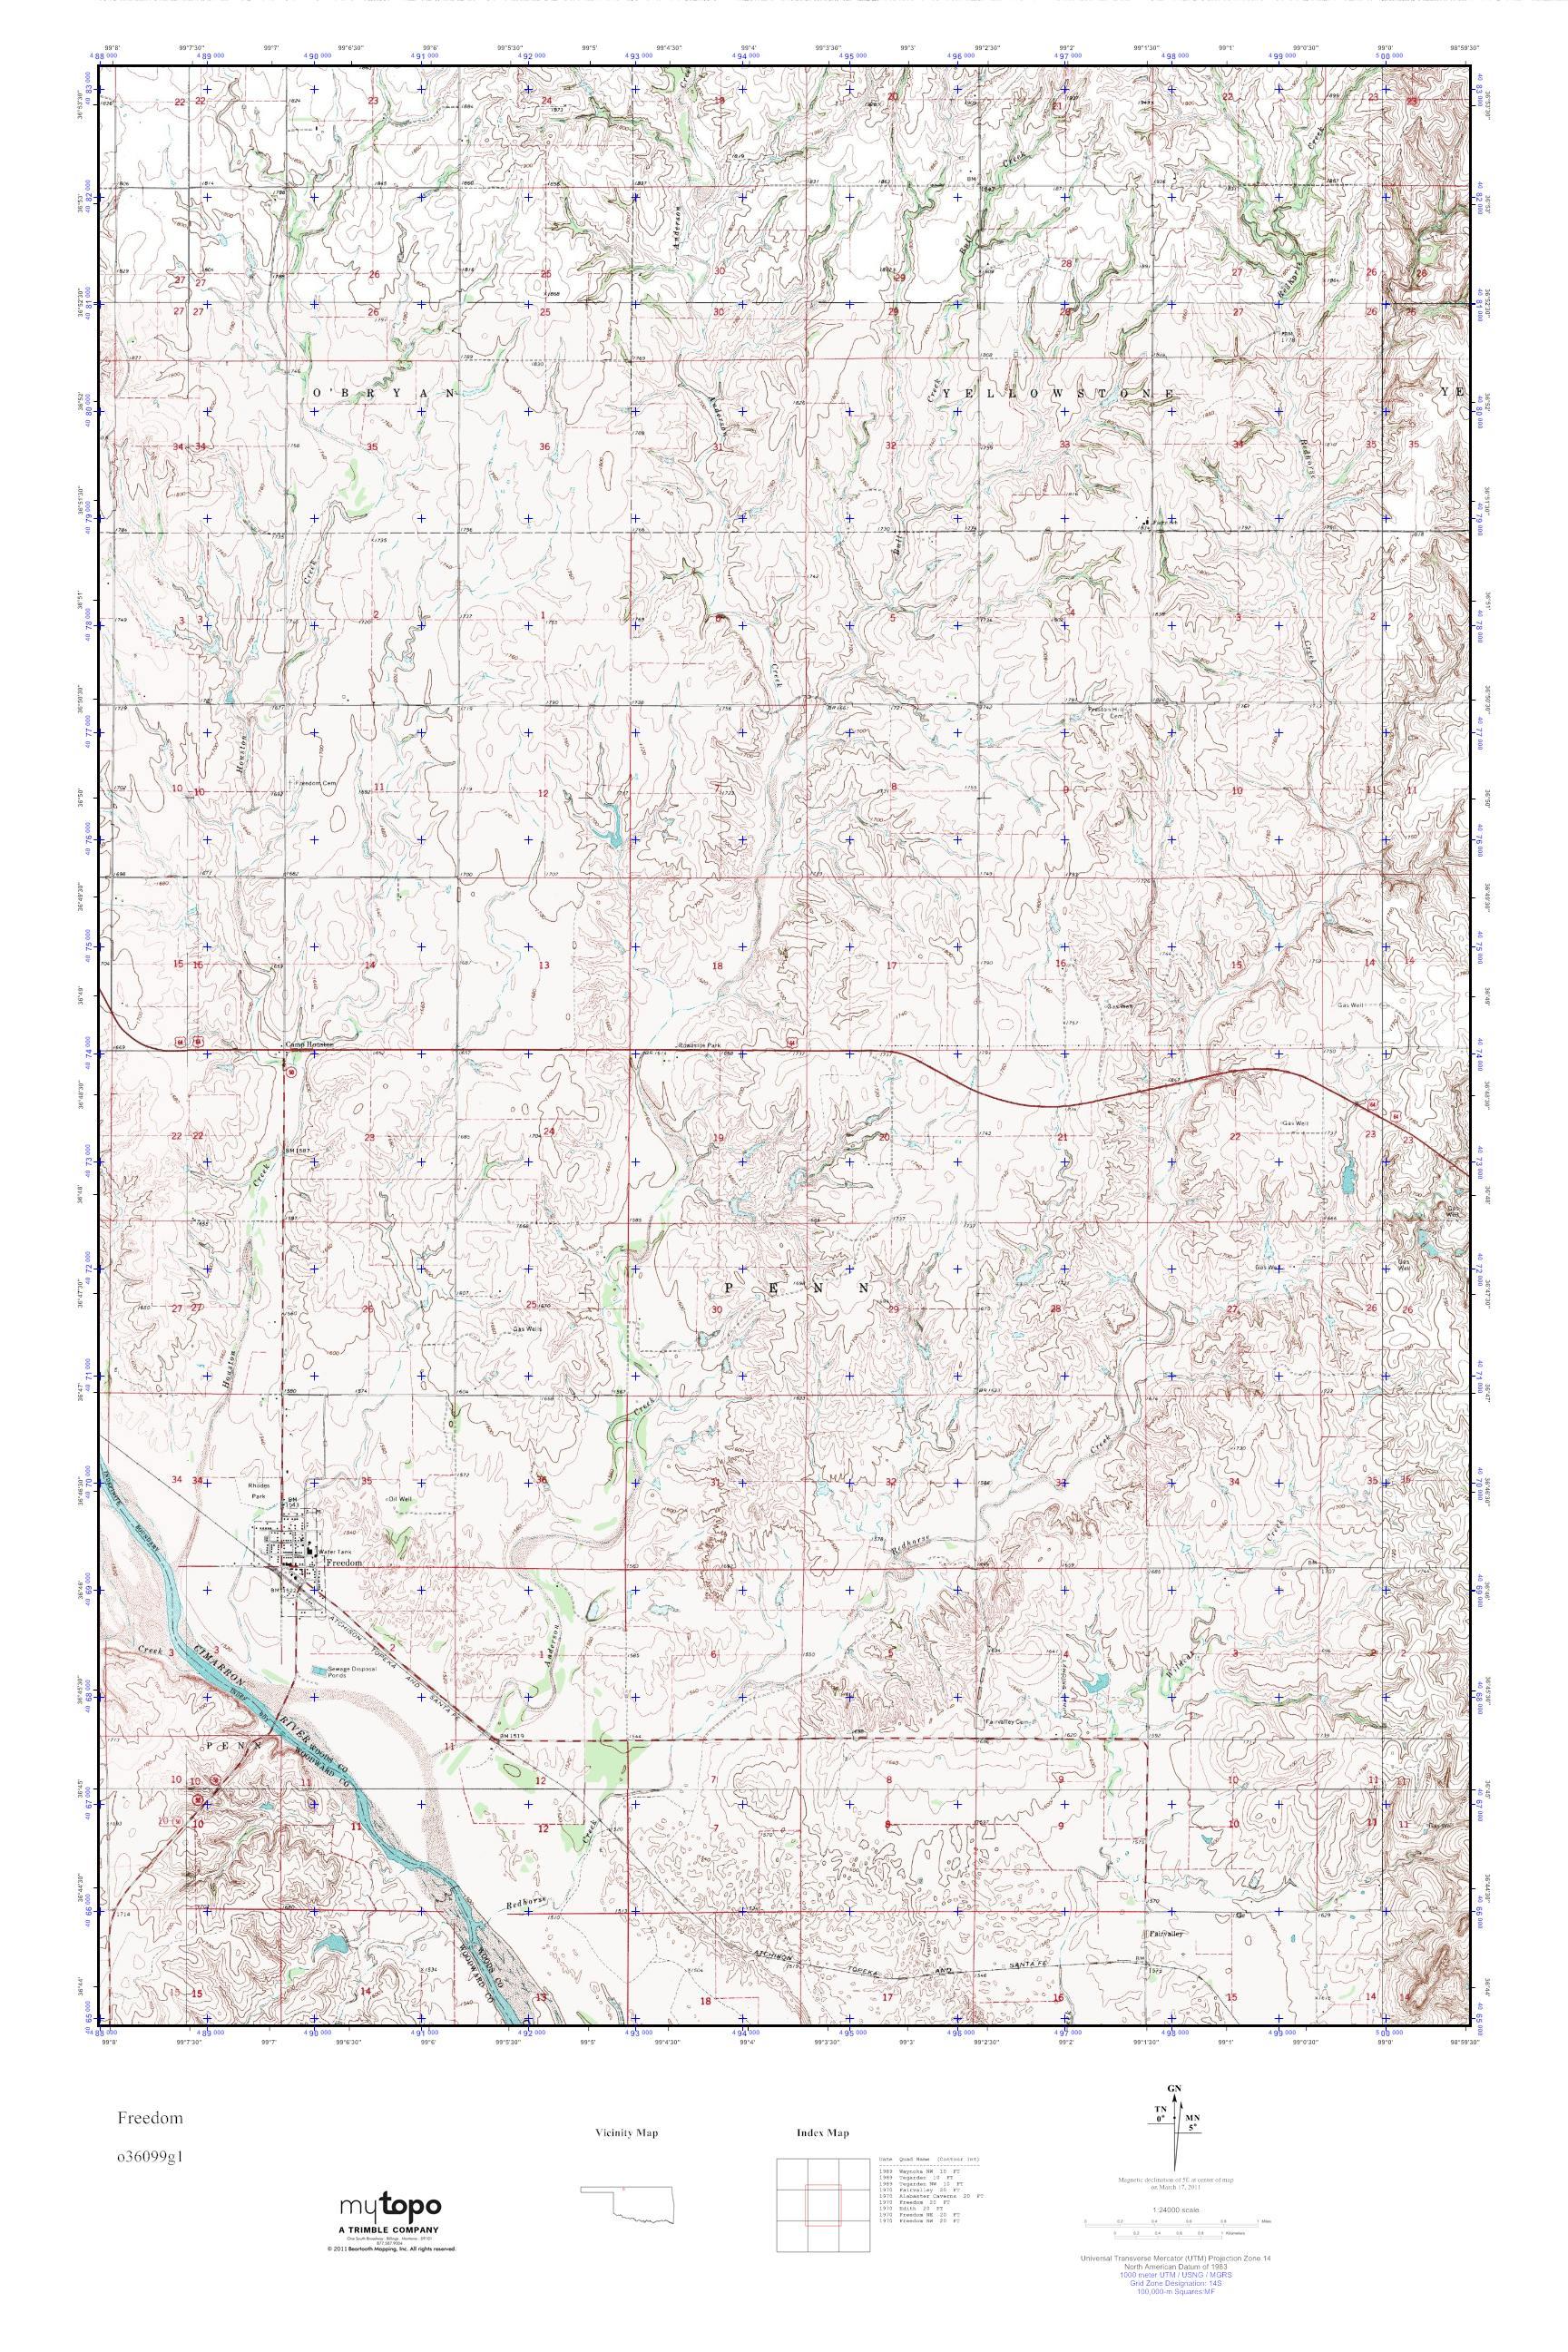 Freedom Oklahoma Map.Mytopo Freedom Oklahoma Usgs Quad Topo Map